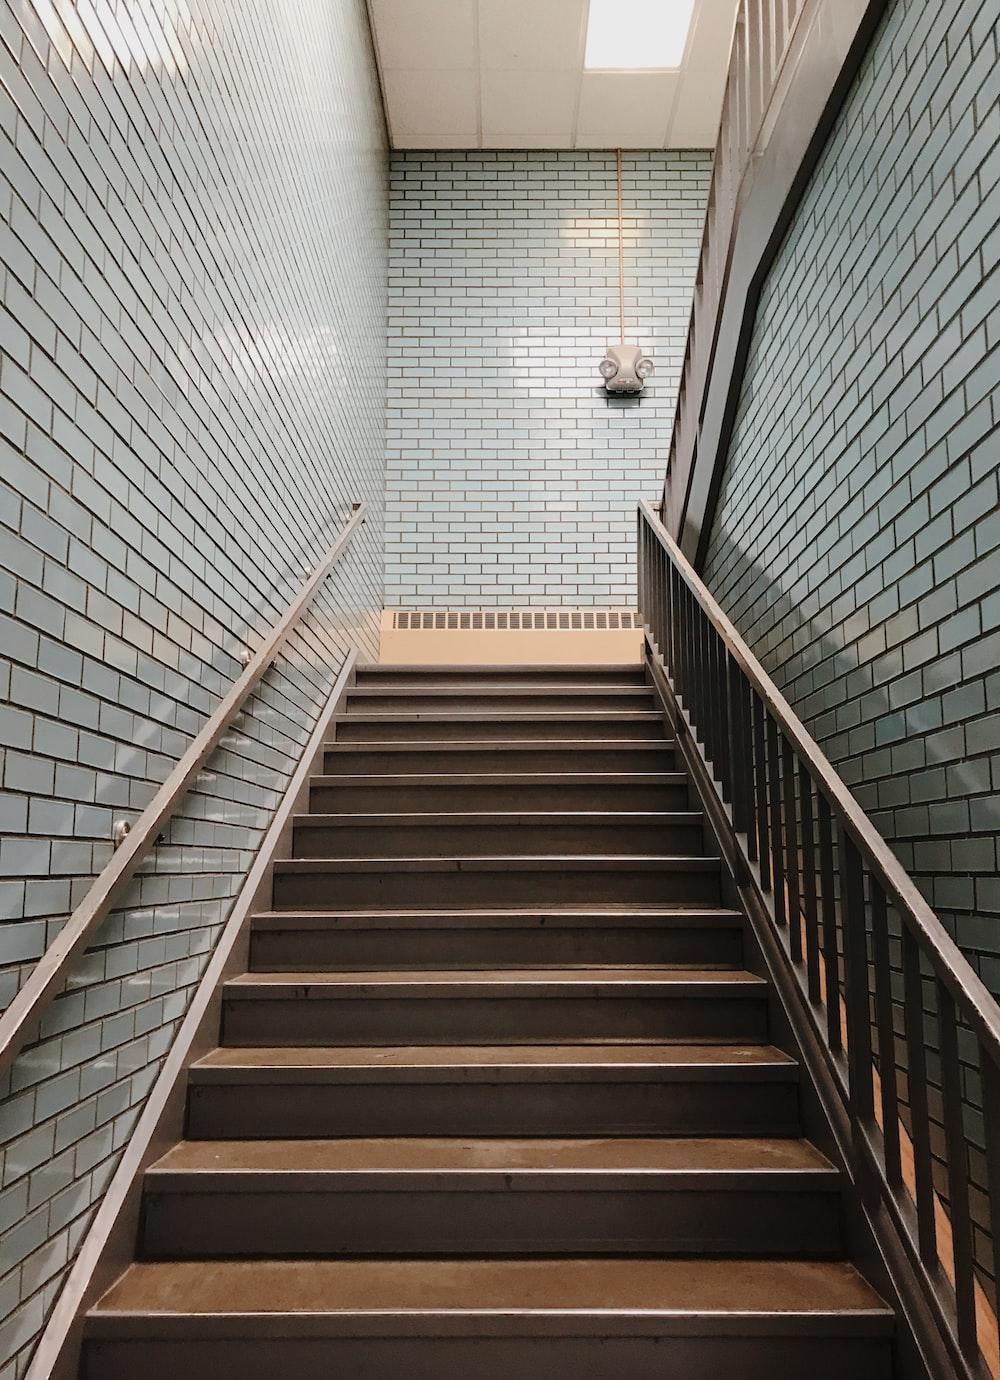 brown steel stair handrail